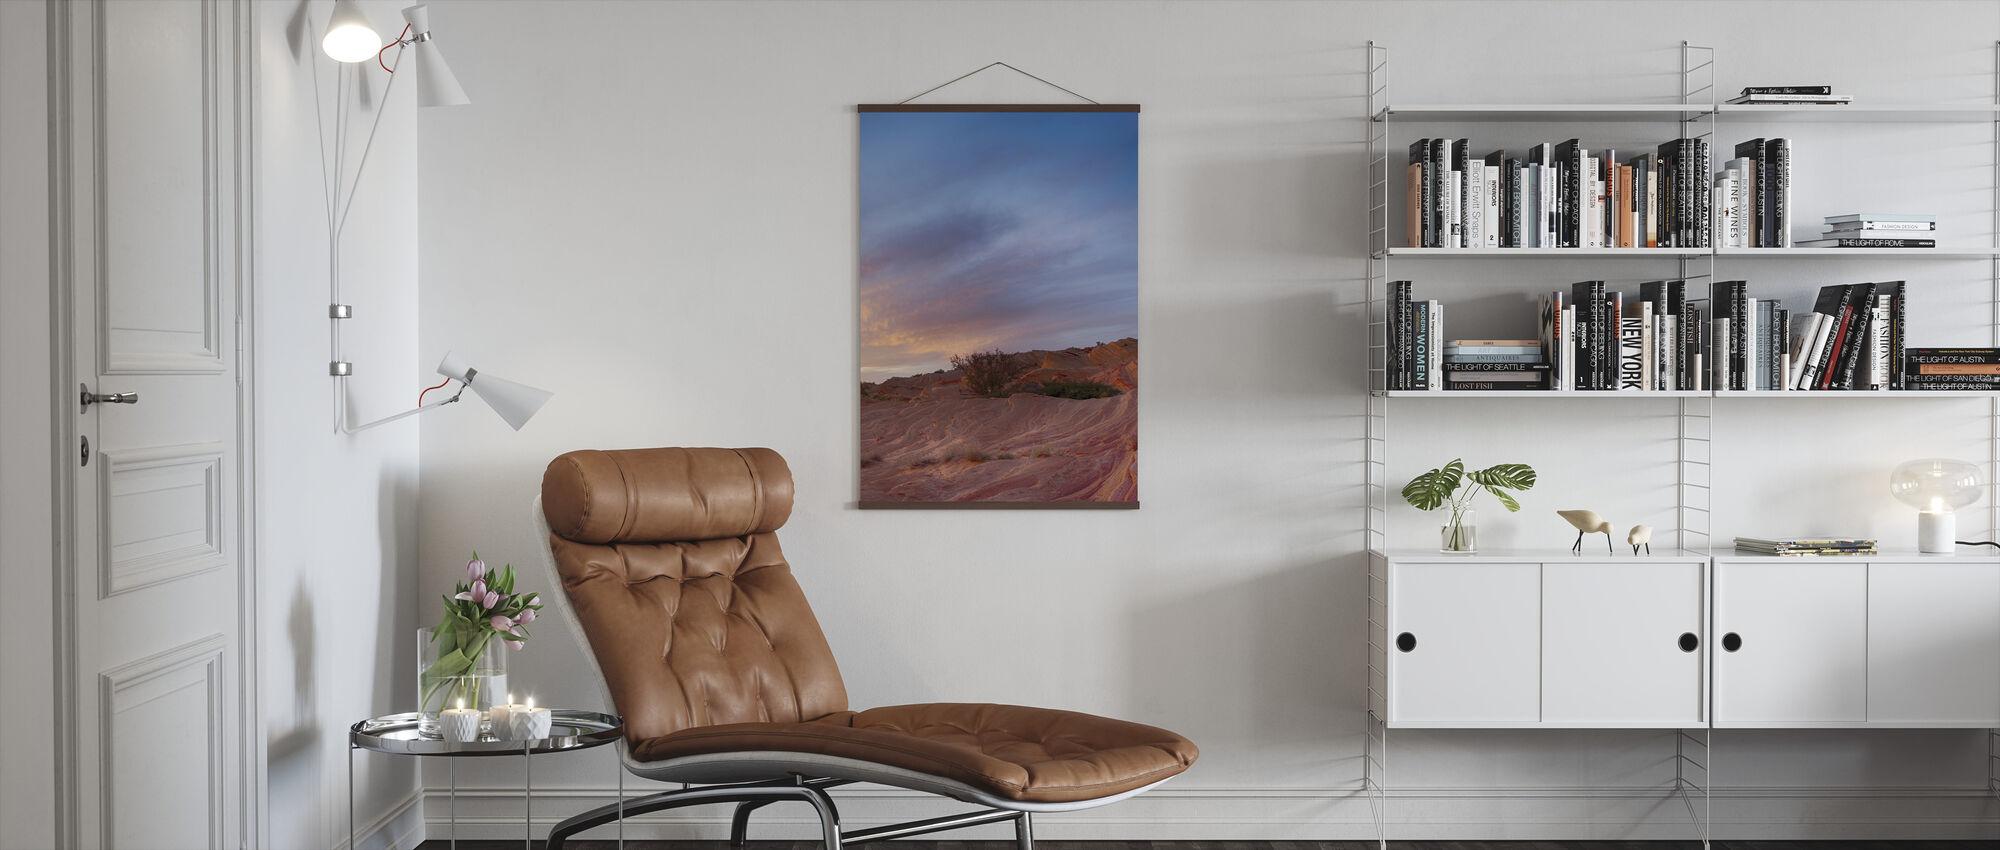 Desert Scene - Plakat - Stue